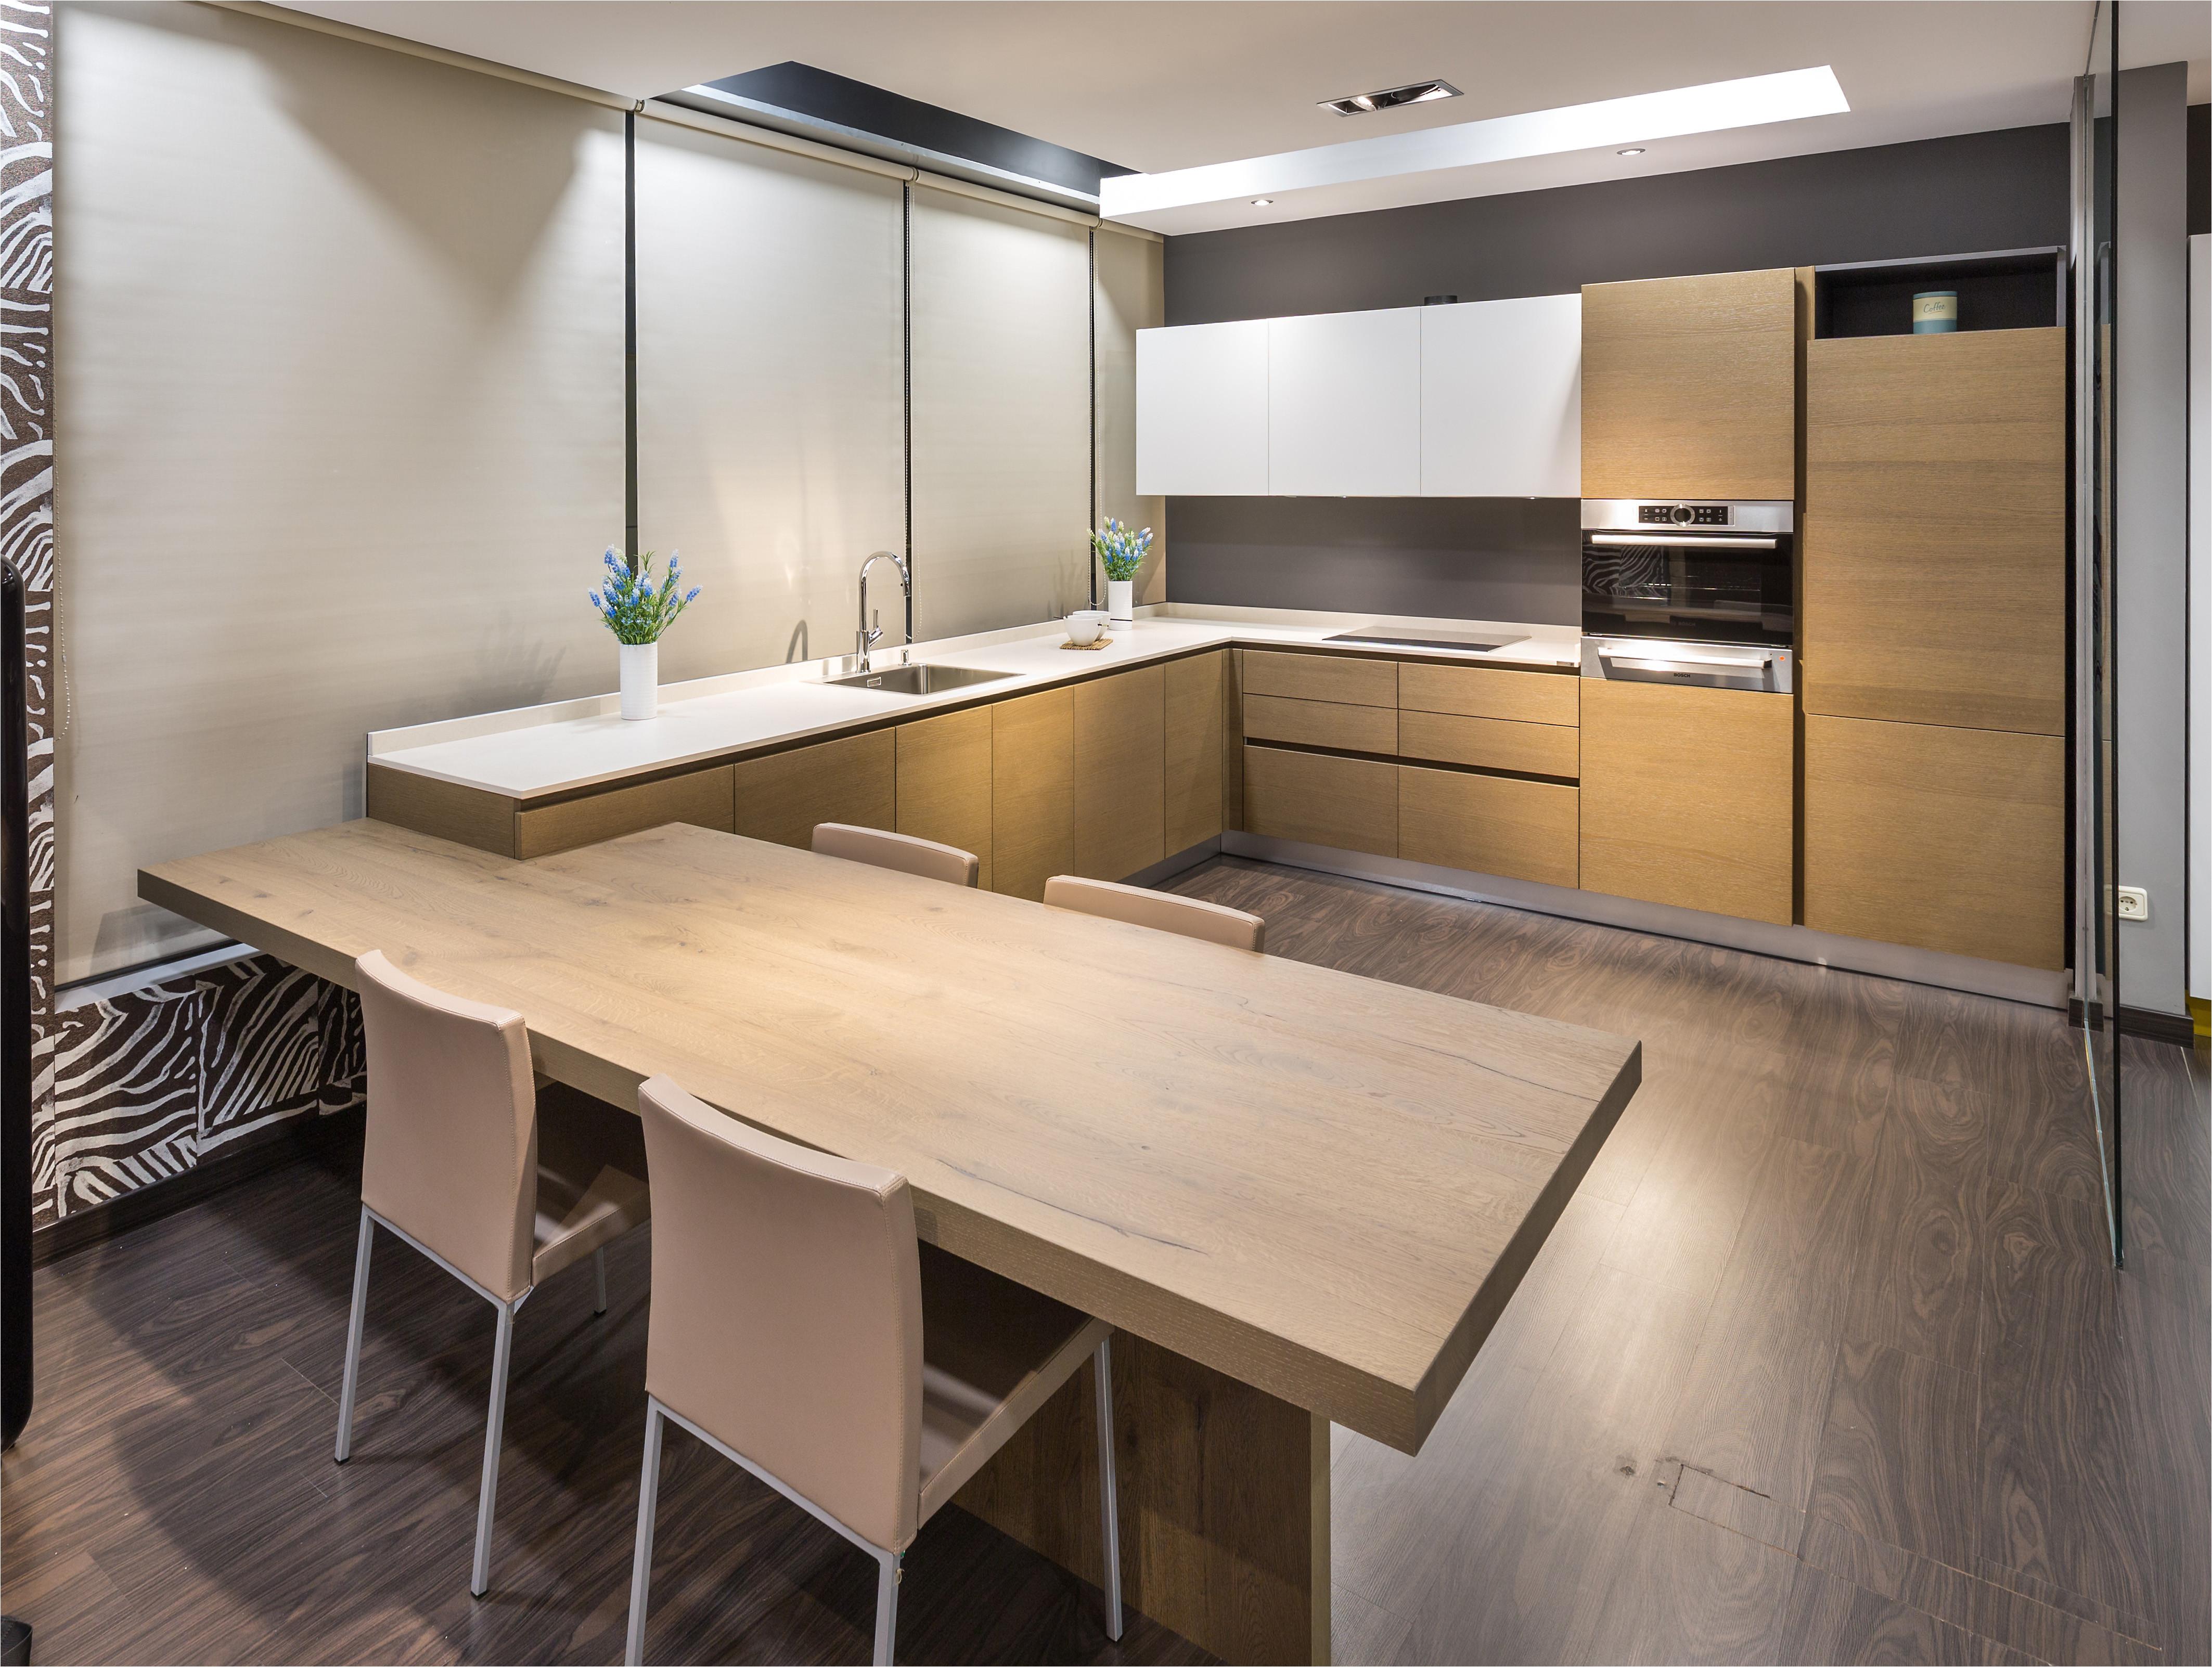 Diseños De Cocinas Pequeñas Y Sencillas Con Barra Https ...